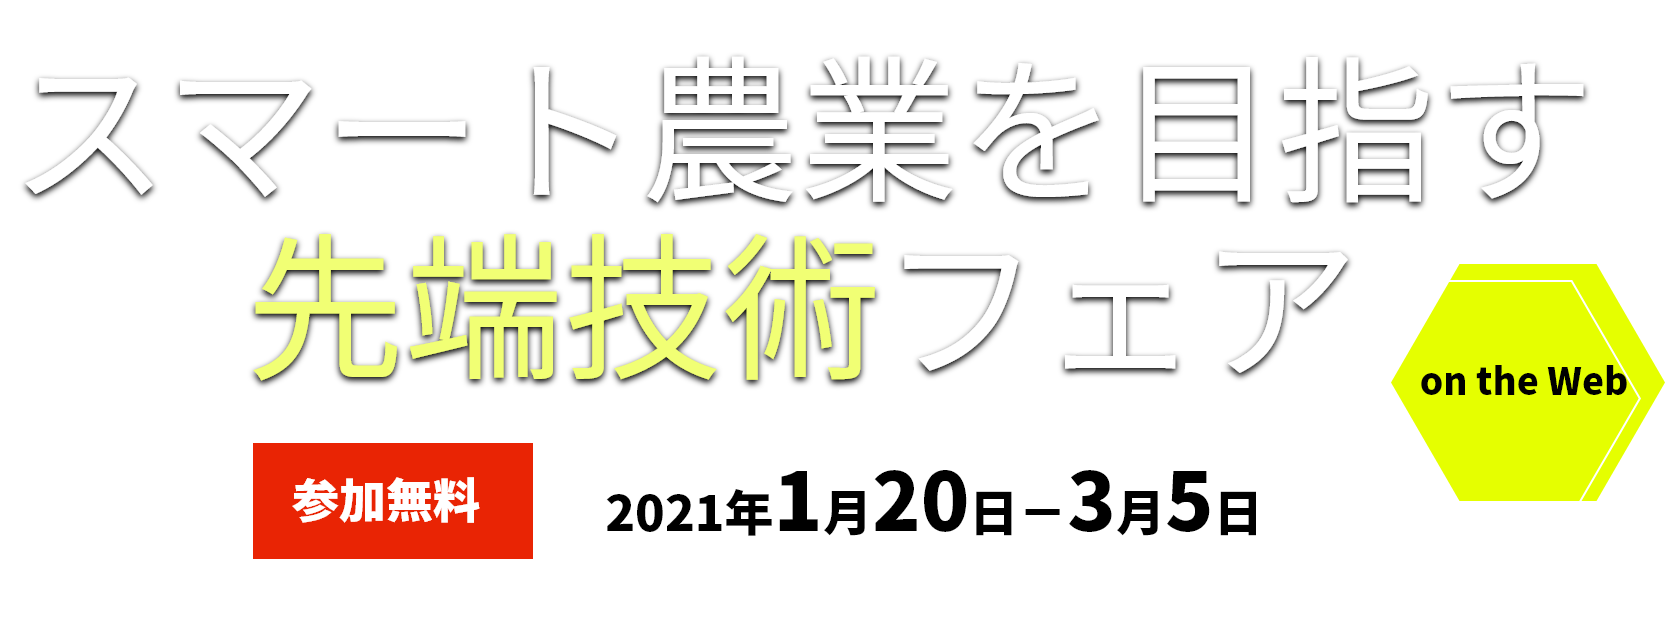 スマート農業を目指す先端技術フェア:参加無料2021年1月13日-2月26日